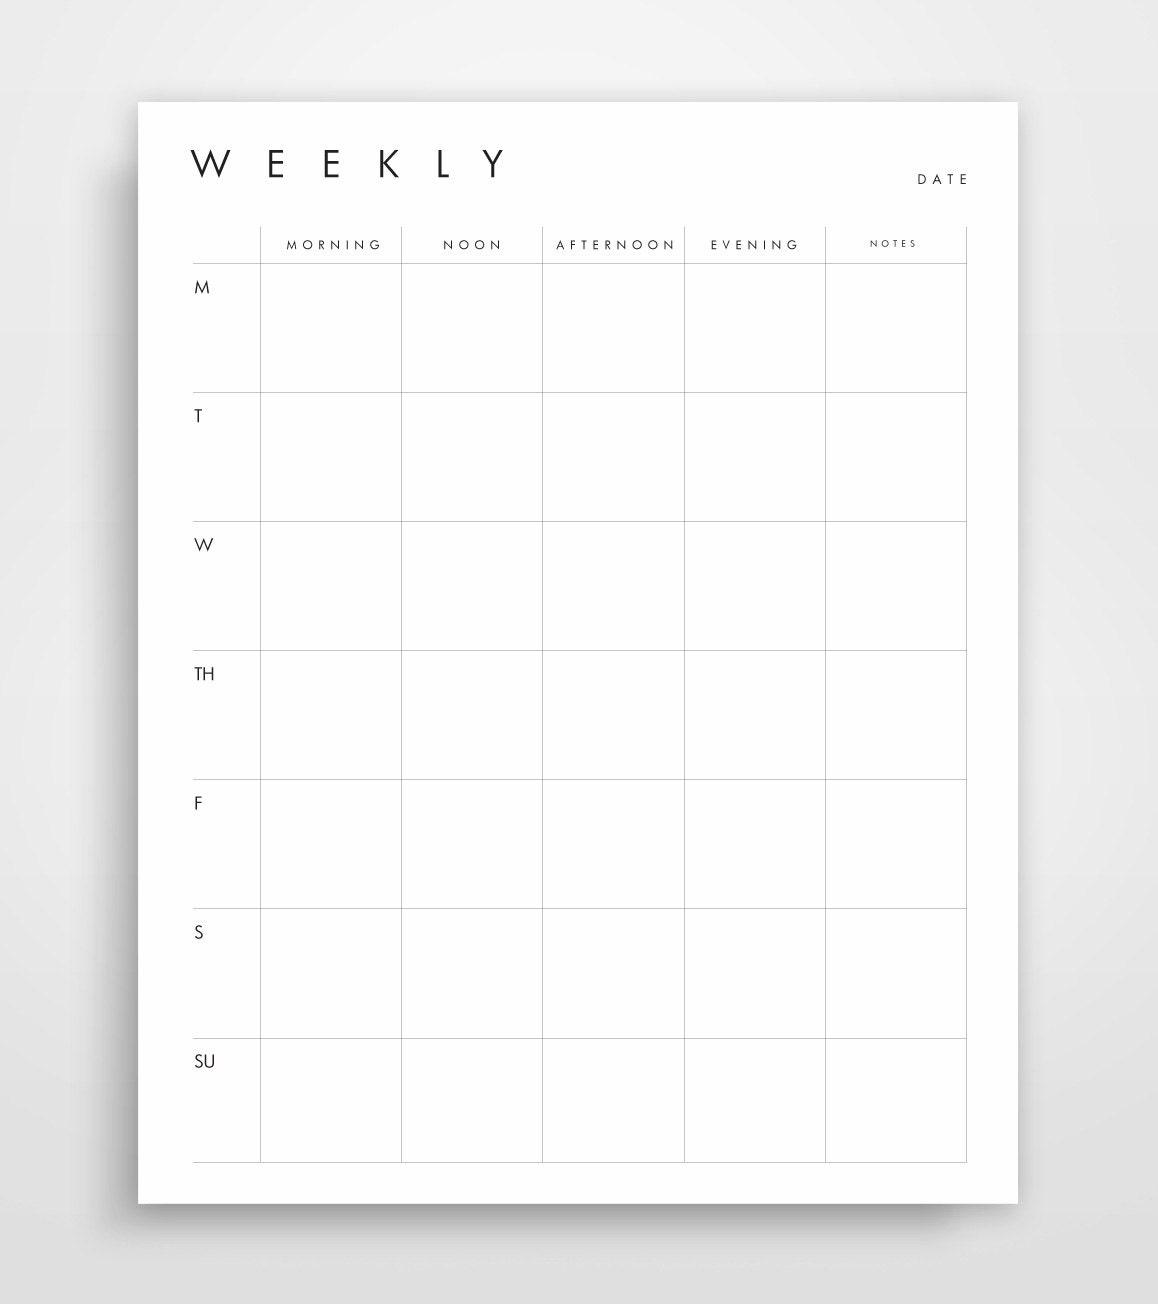 Weekly Agenda Week Schedule Printable Planner Weekly